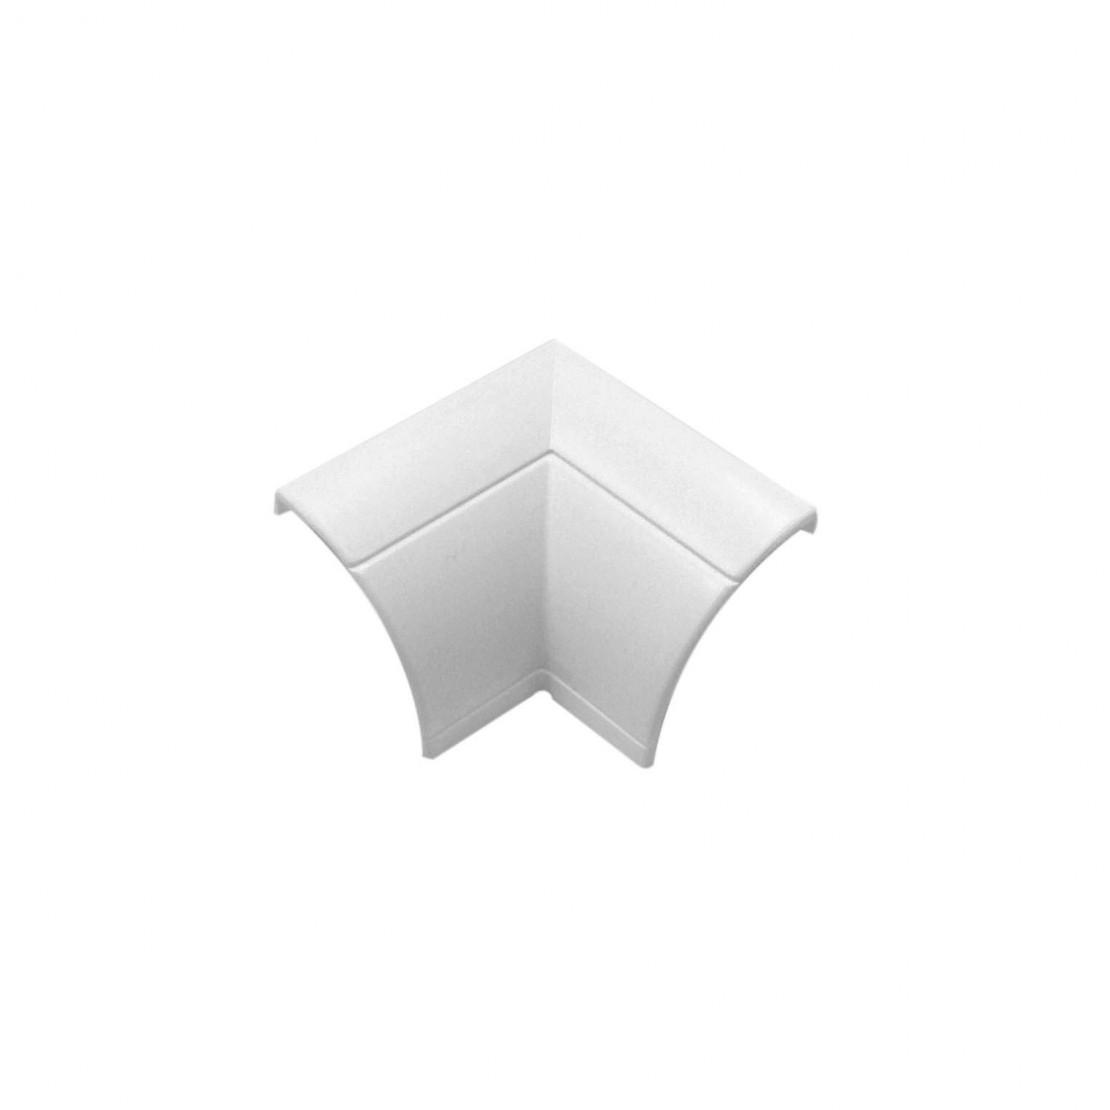 2 ángulos internos blancos con clip 22/22